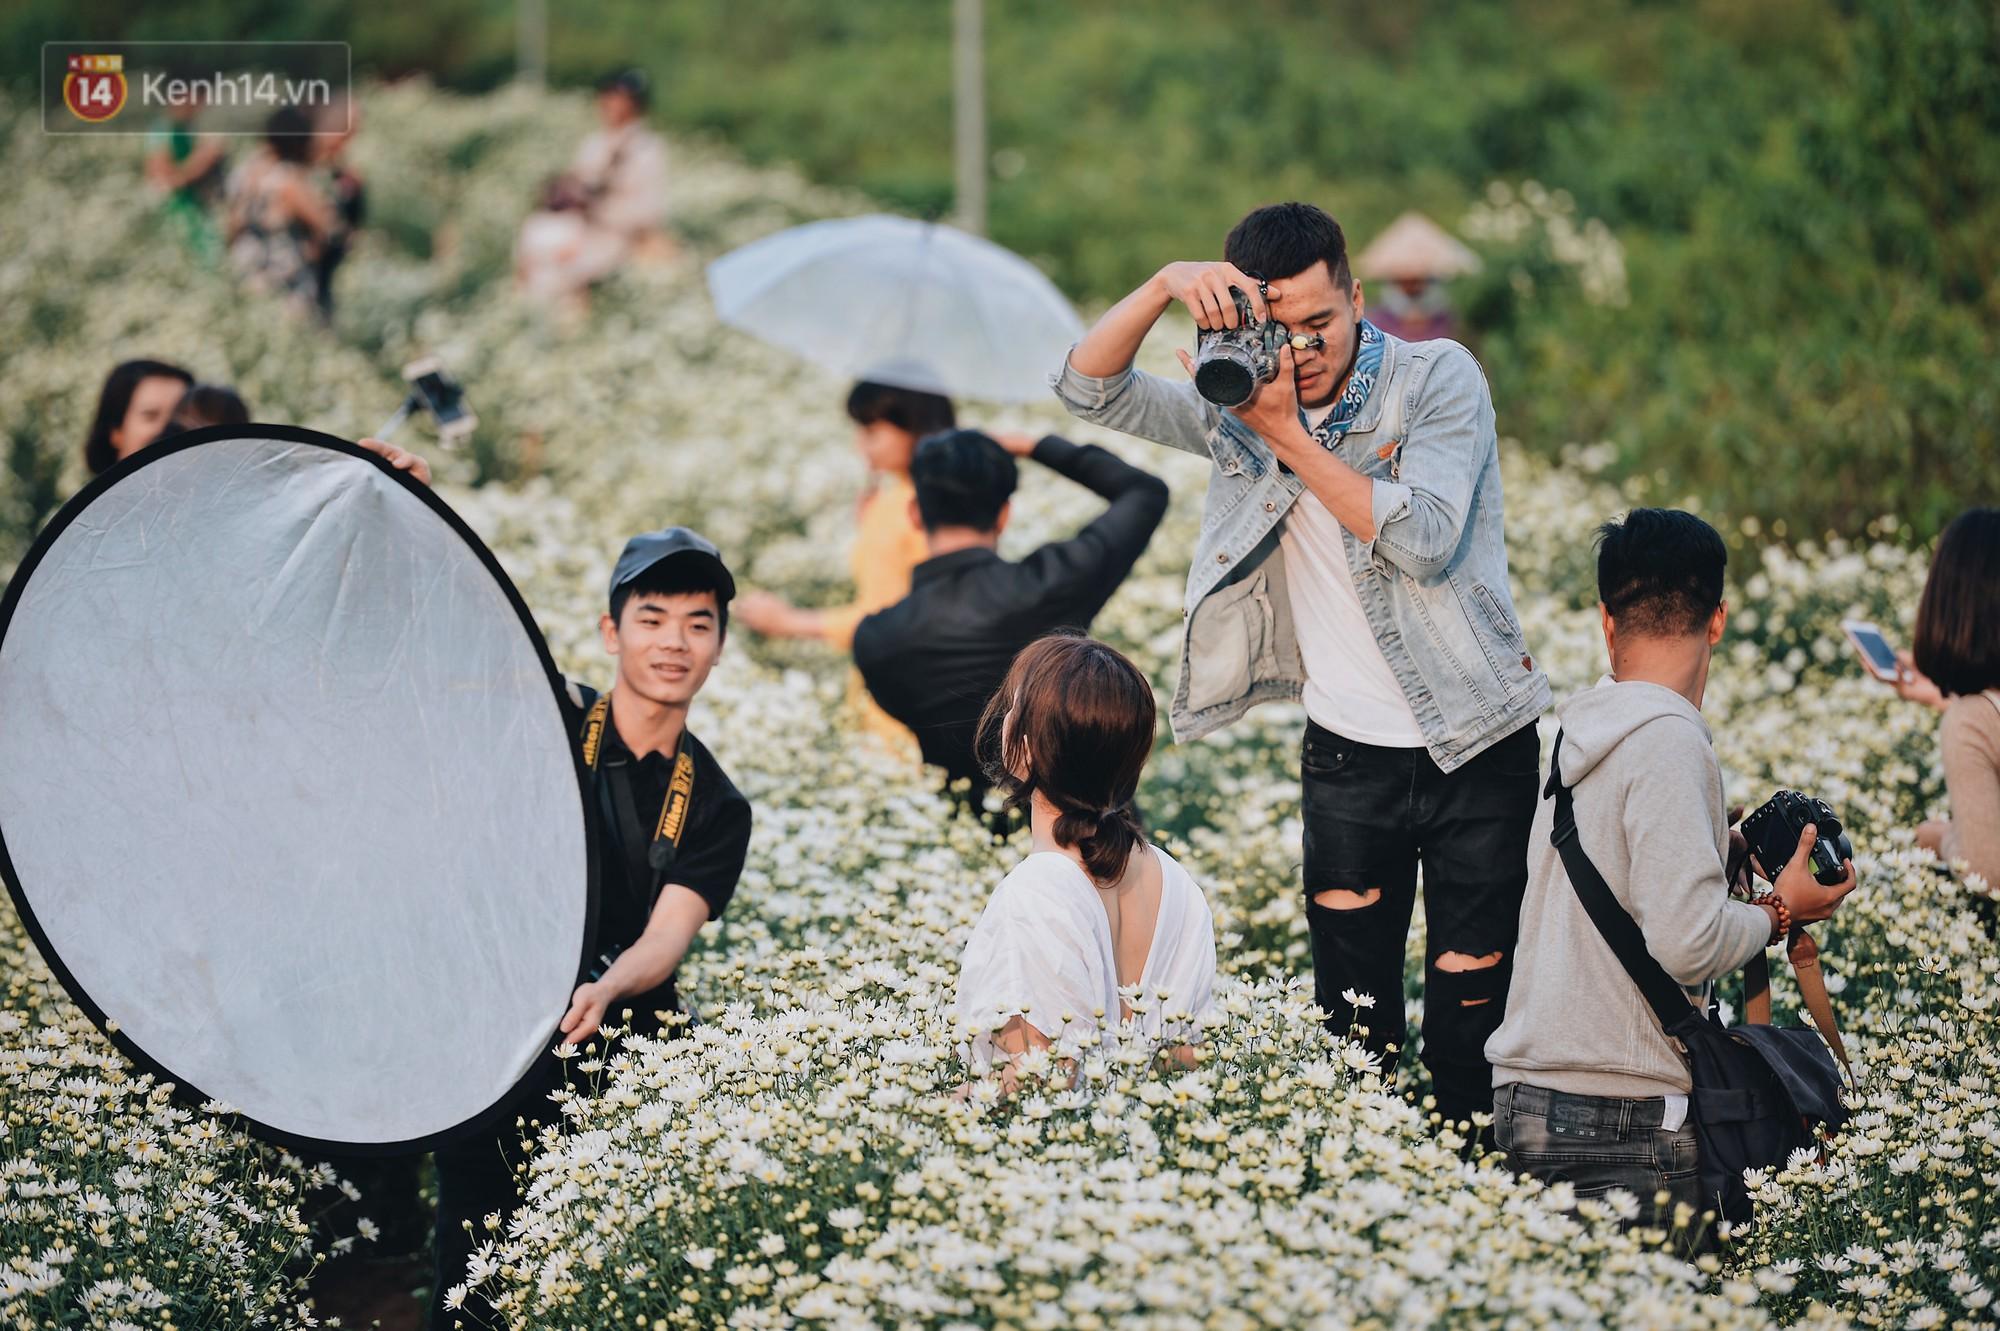 Vườn cúc hoạ mi ở Hà Nội thất thủ cuối tuần: 1 mét vuông có chục nhiếp ảnh gia và mẫu - Ảnh 5.